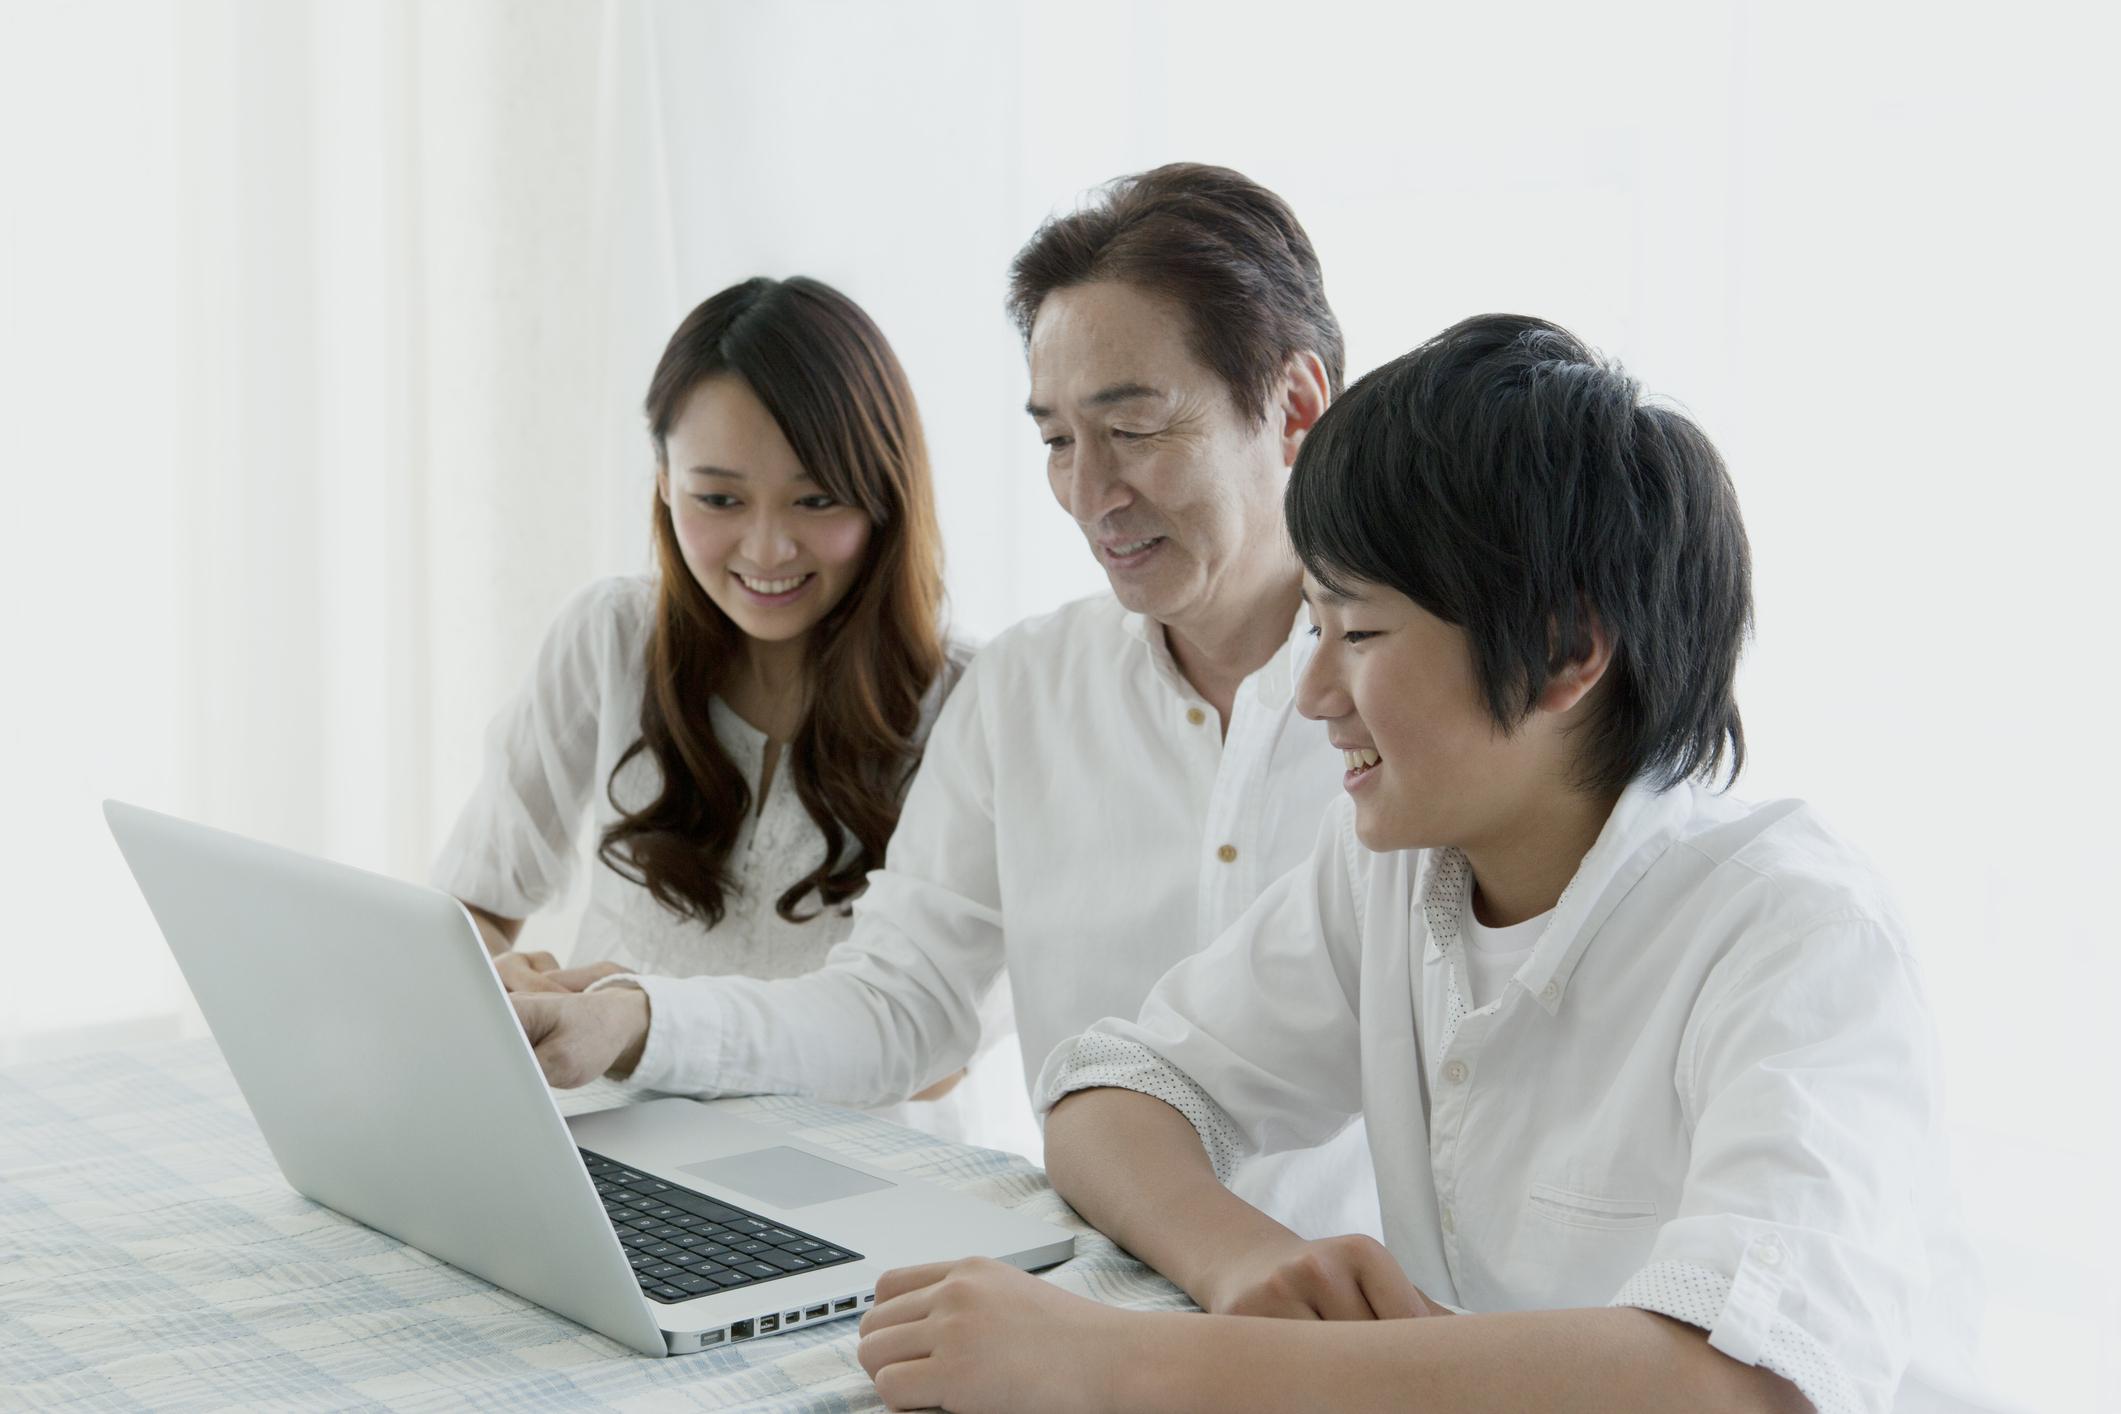 Ilustrasi keluarga sedang memanfaatkan YouTube untuk belajar bahasa Inggris - Edu2Review